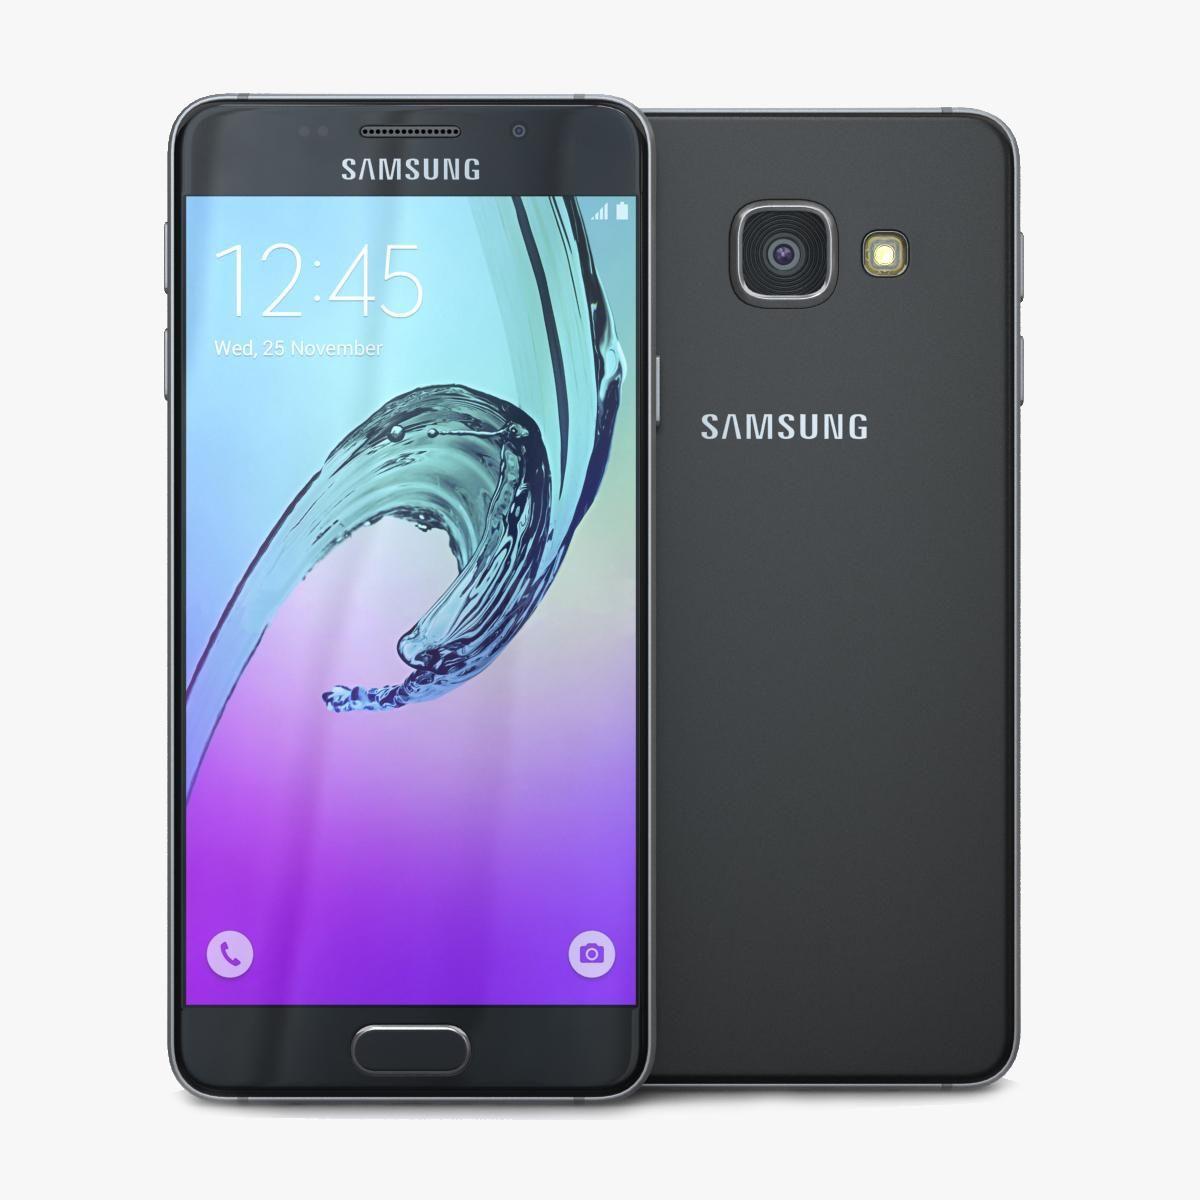 Samsung Galaxy A3 2016 Black 3d Model Ad Galaxy Samsung Model Black Samsung Galaxy Samsung Galaxy A3 Samsung